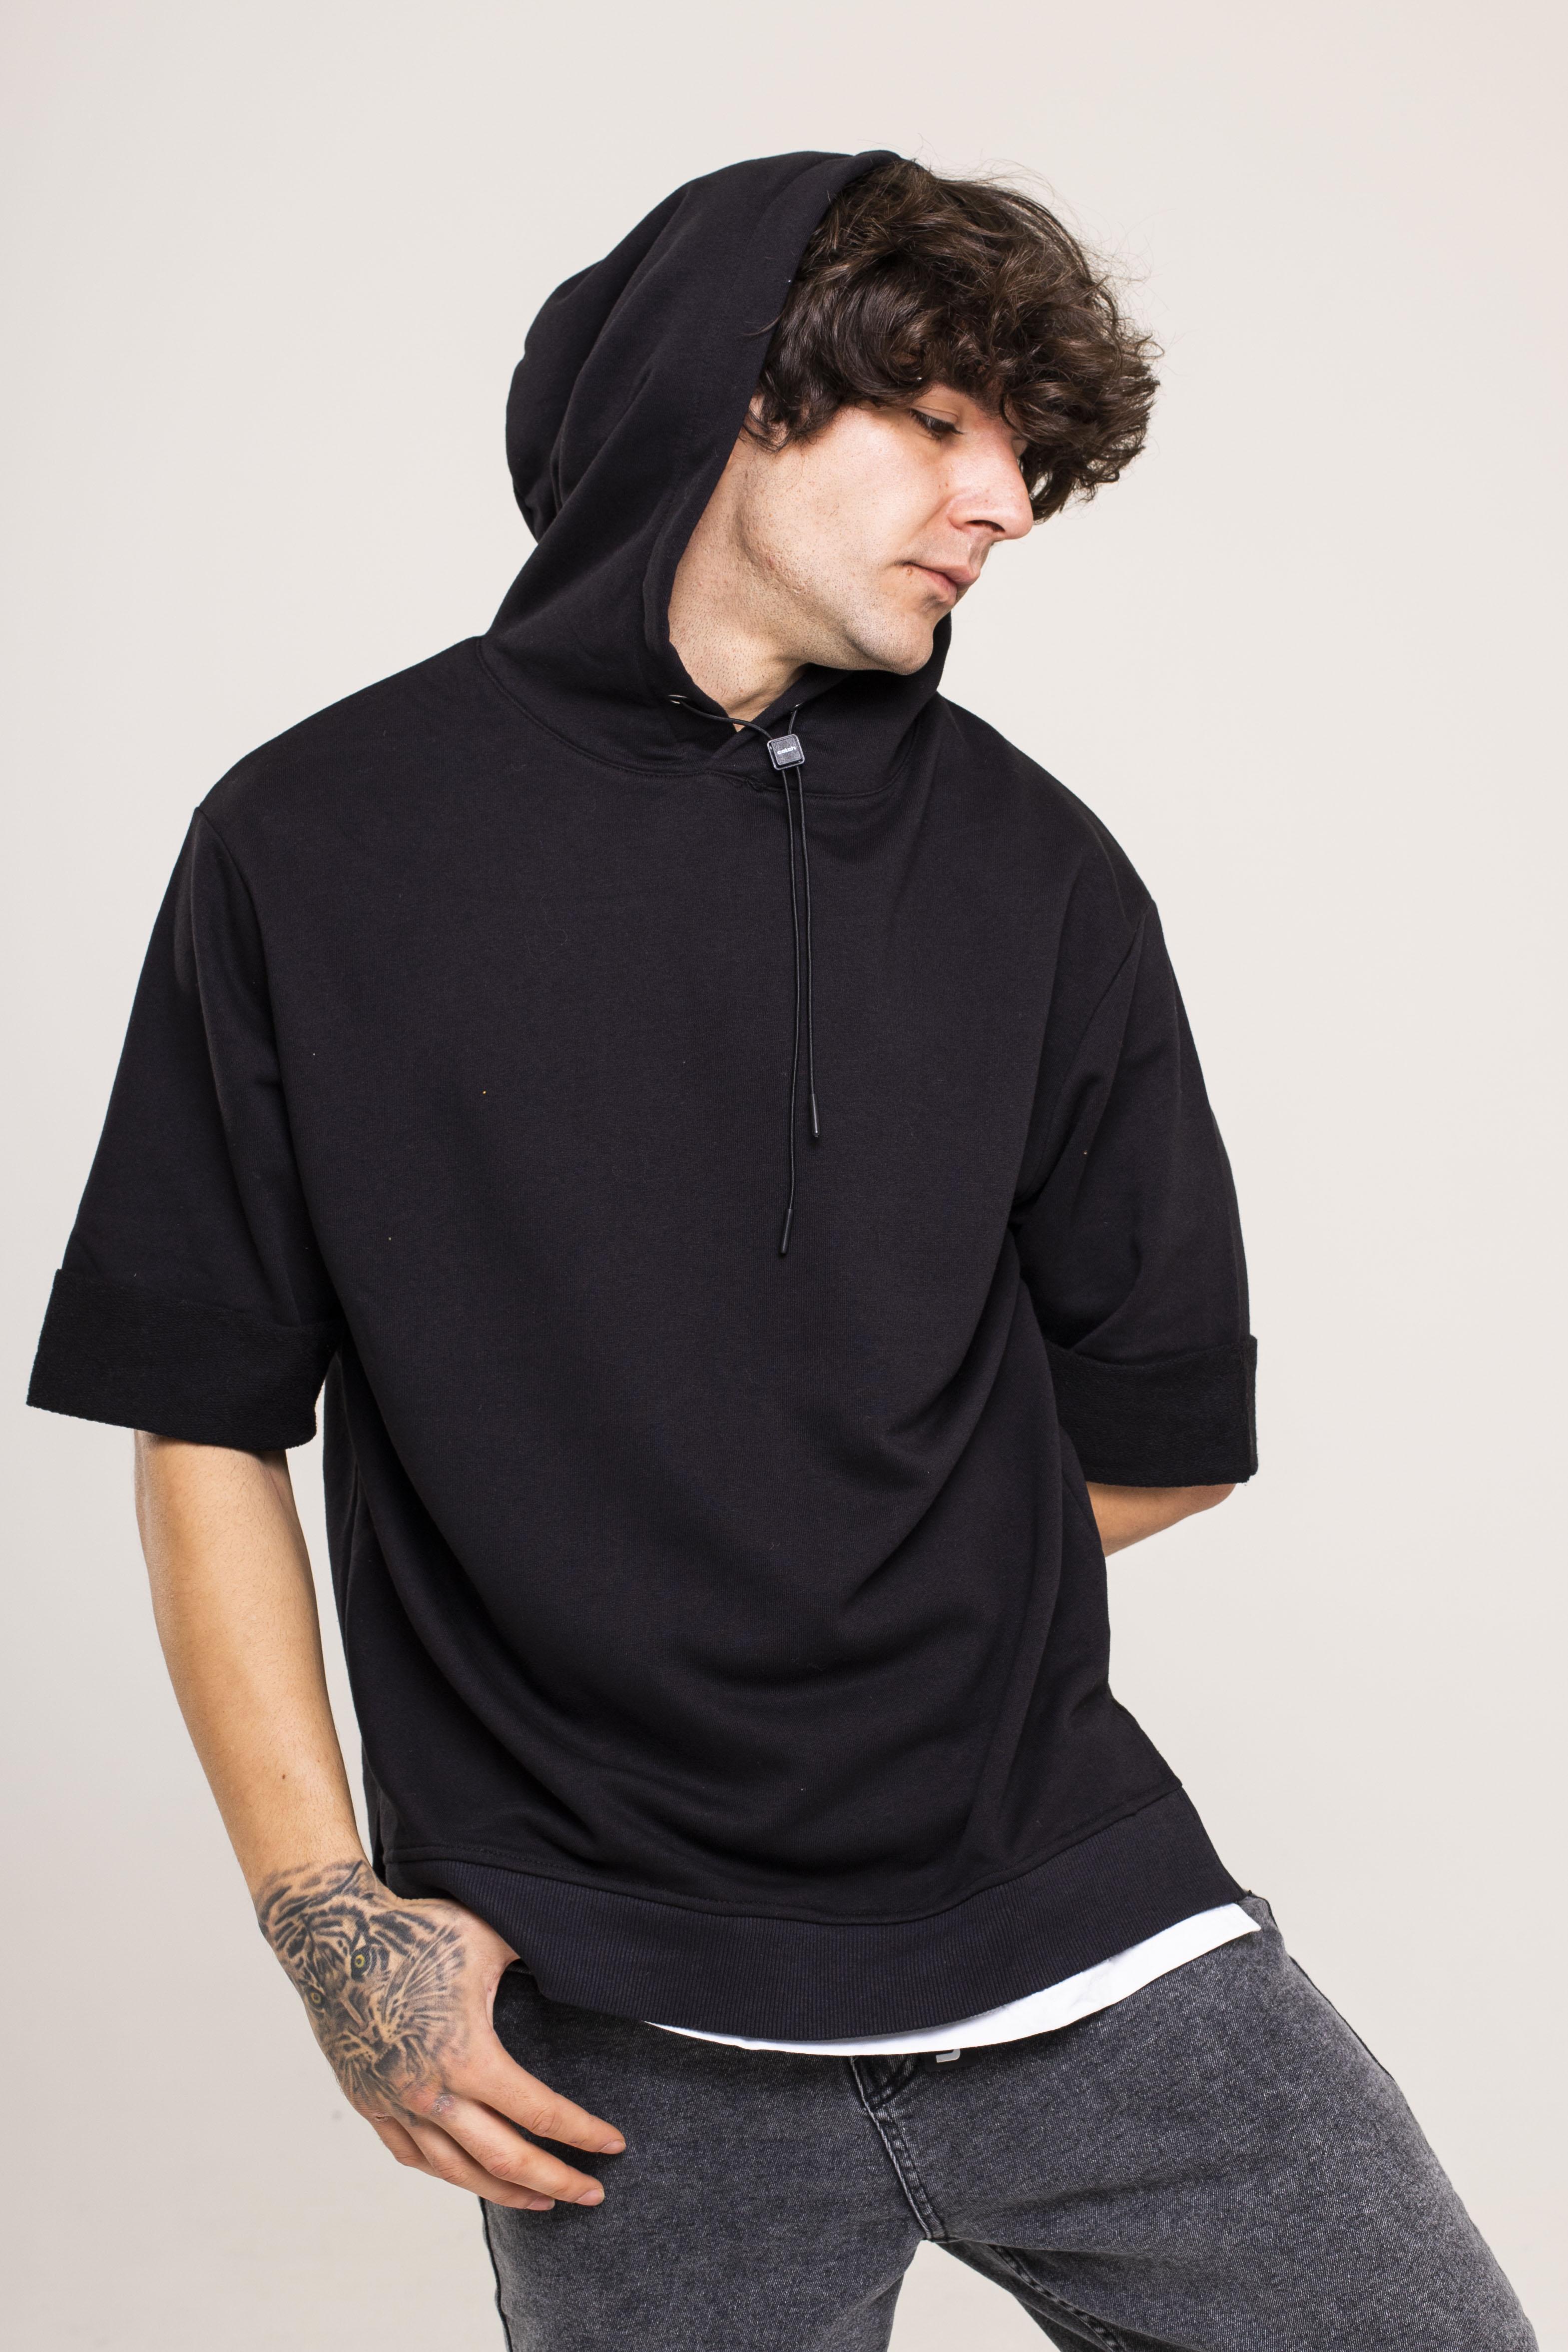 XHAN - Siyah Kısa Kollu Sweatshirt 1KXE8-44510-02